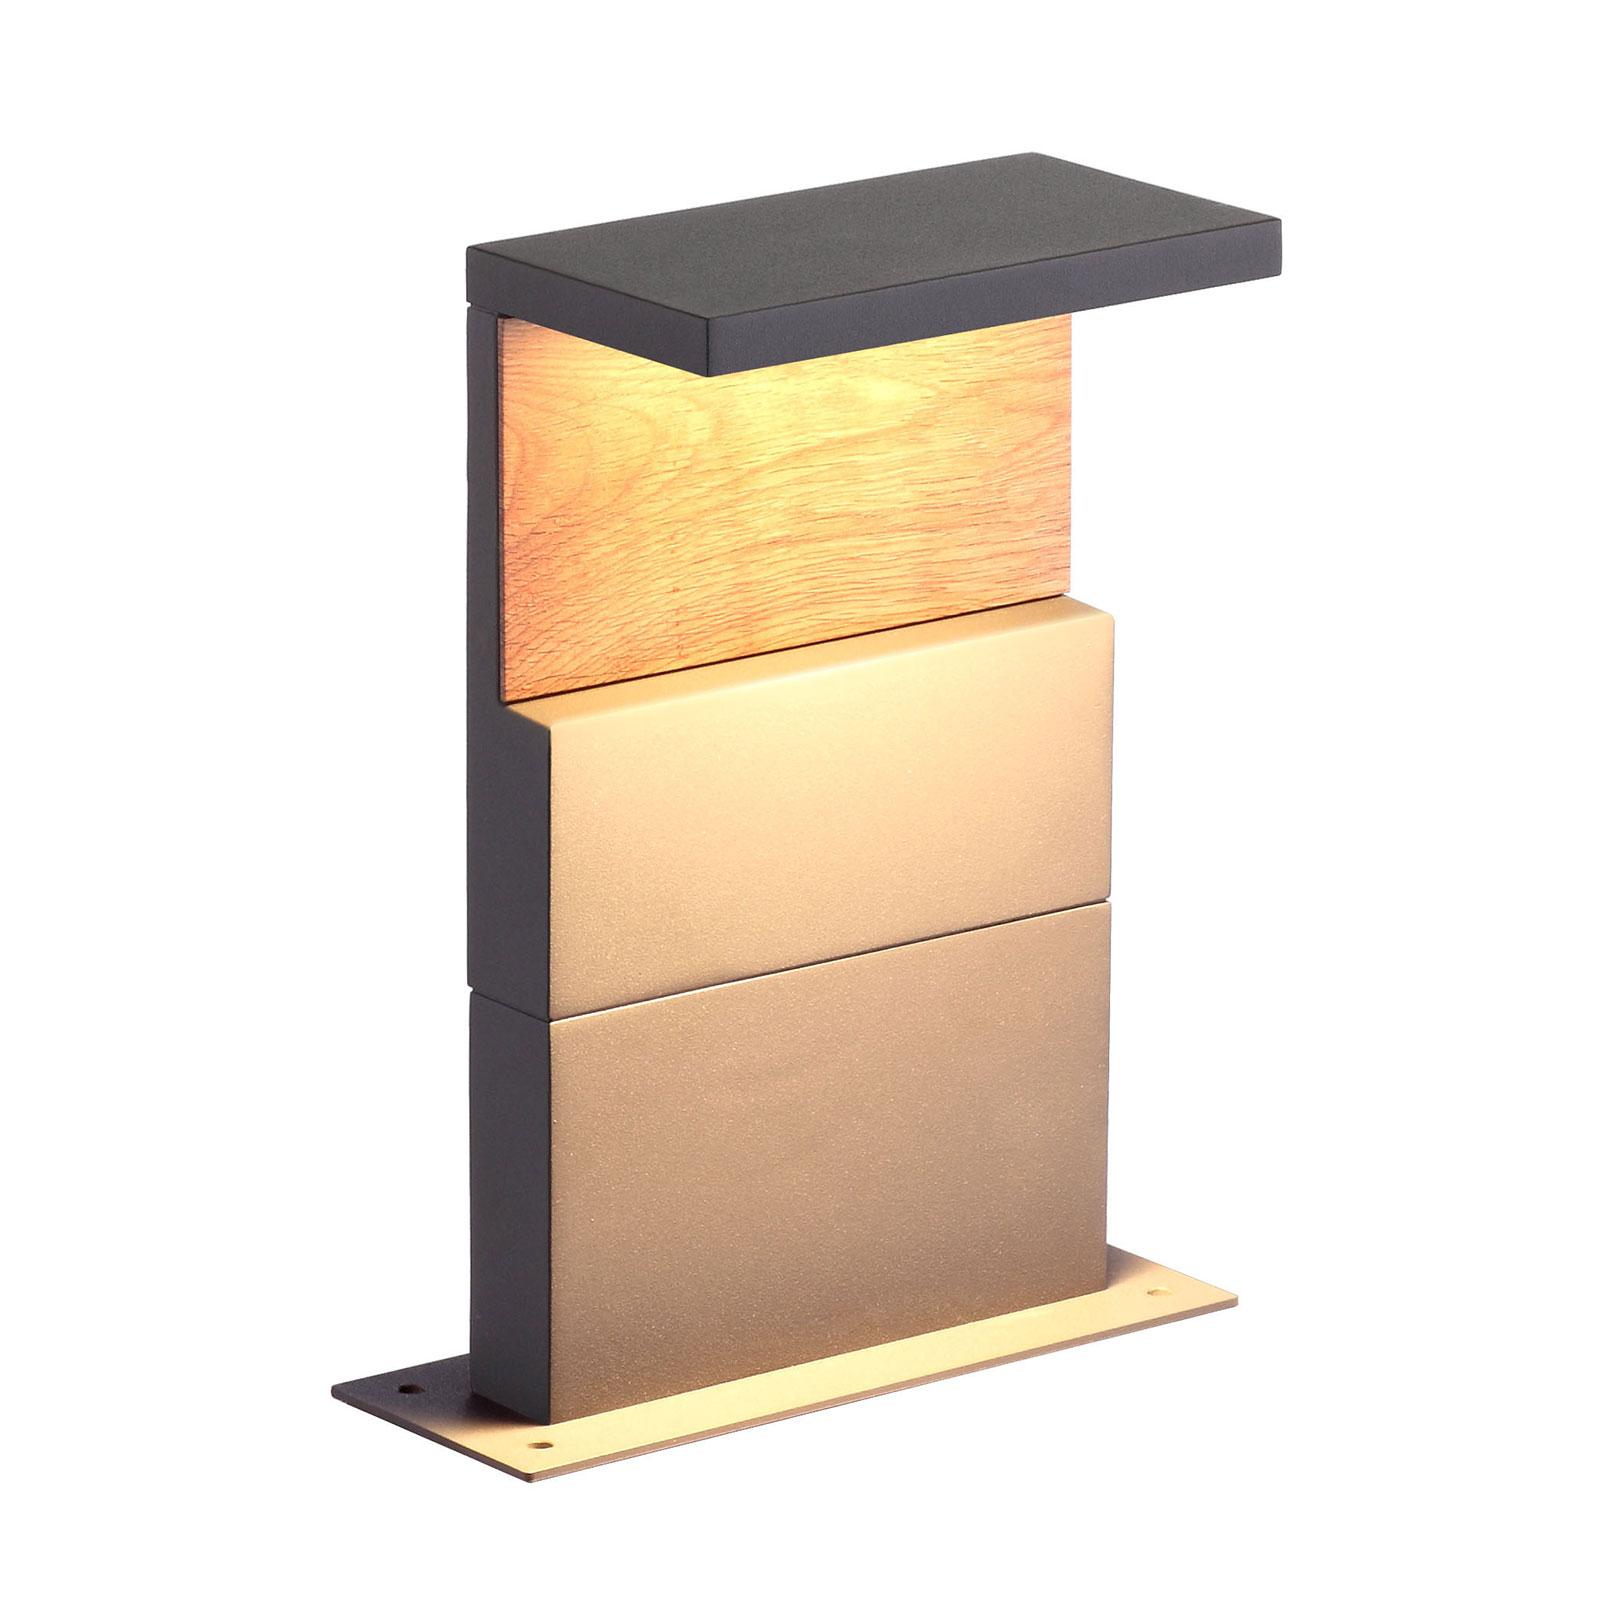 Słupek oświetleniowy LED Ruka, drewno, 35 cm